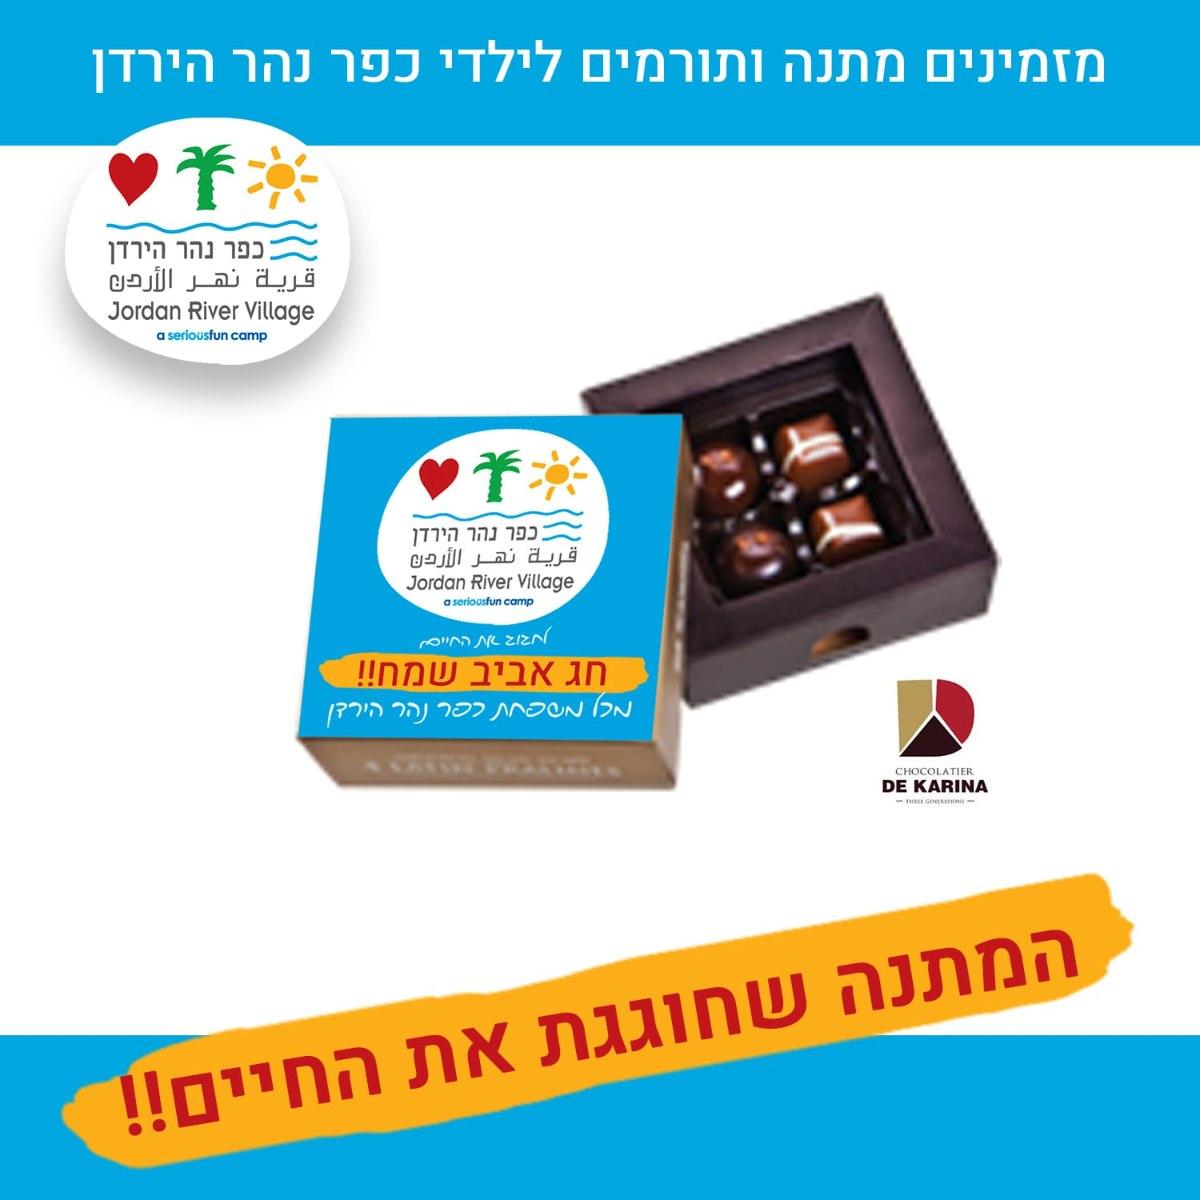 קופסת שוקולד 4 פרלינים דה קרינה -תרומה לכפר נהר הירדן